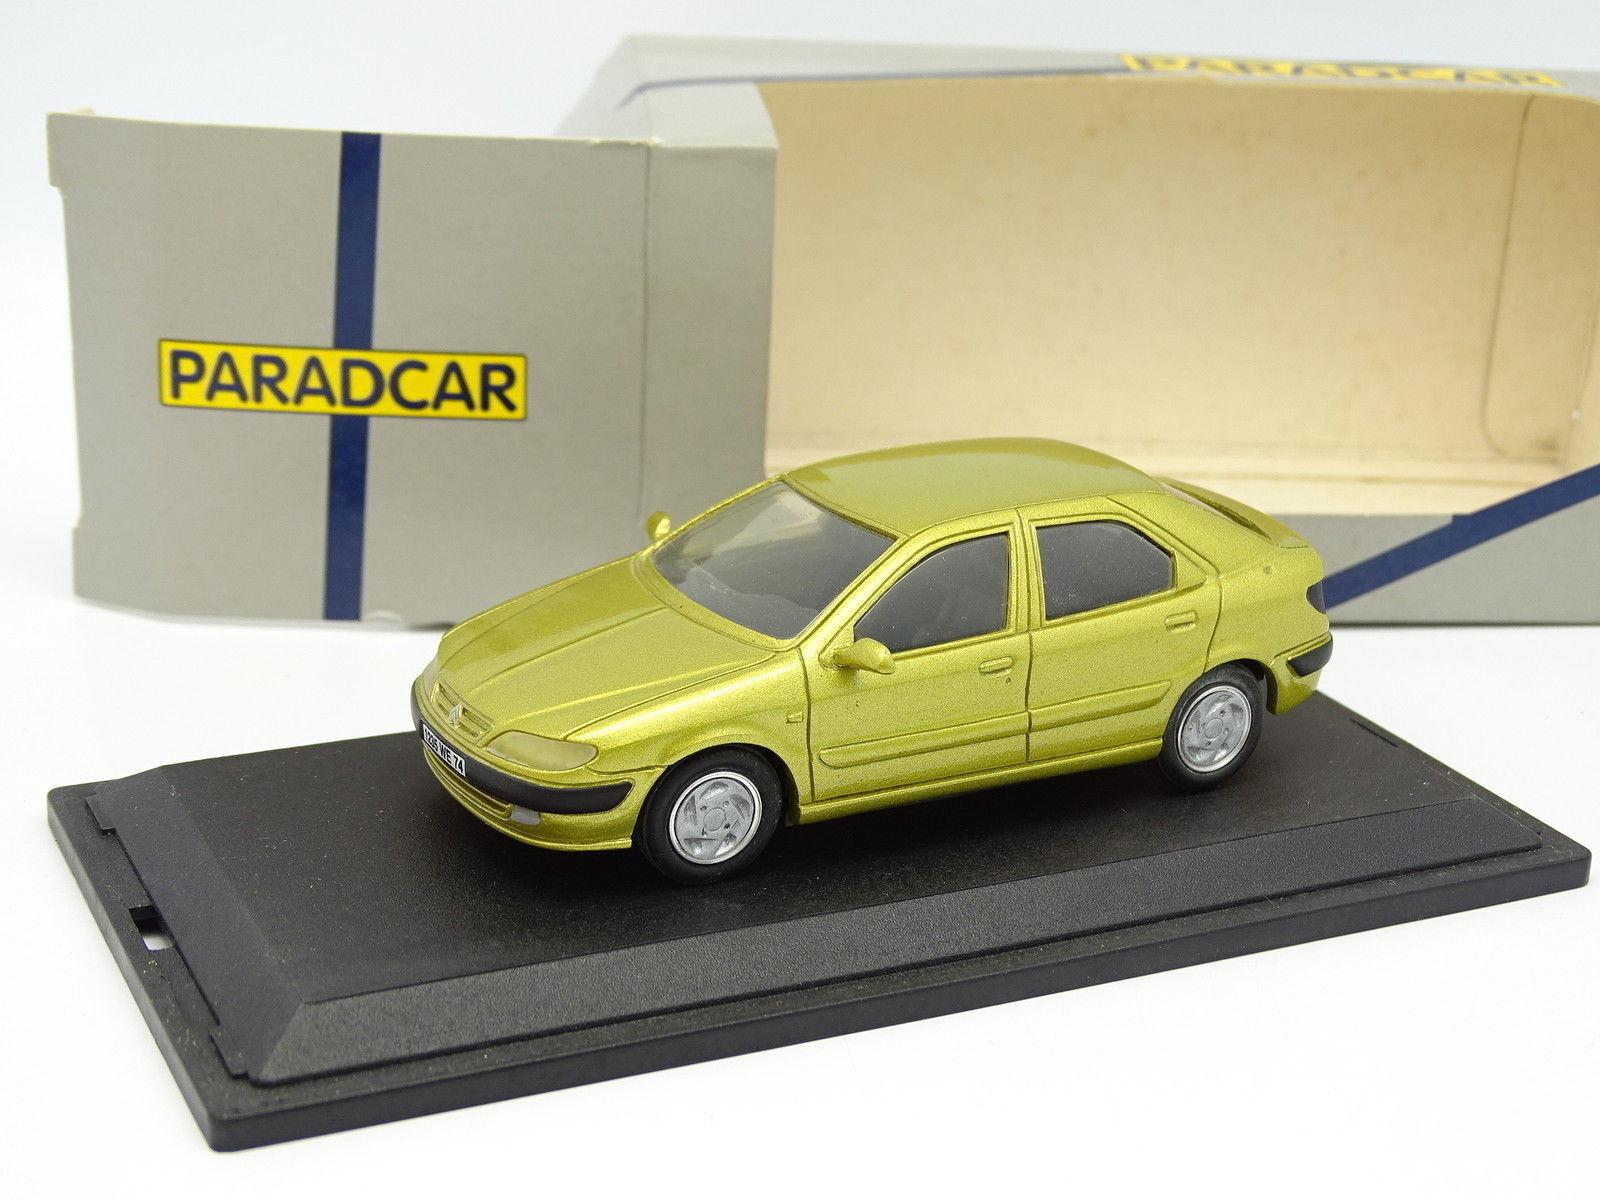 Paradcar Résine 1 43 - Citroen Xsara 5 Portes giallo